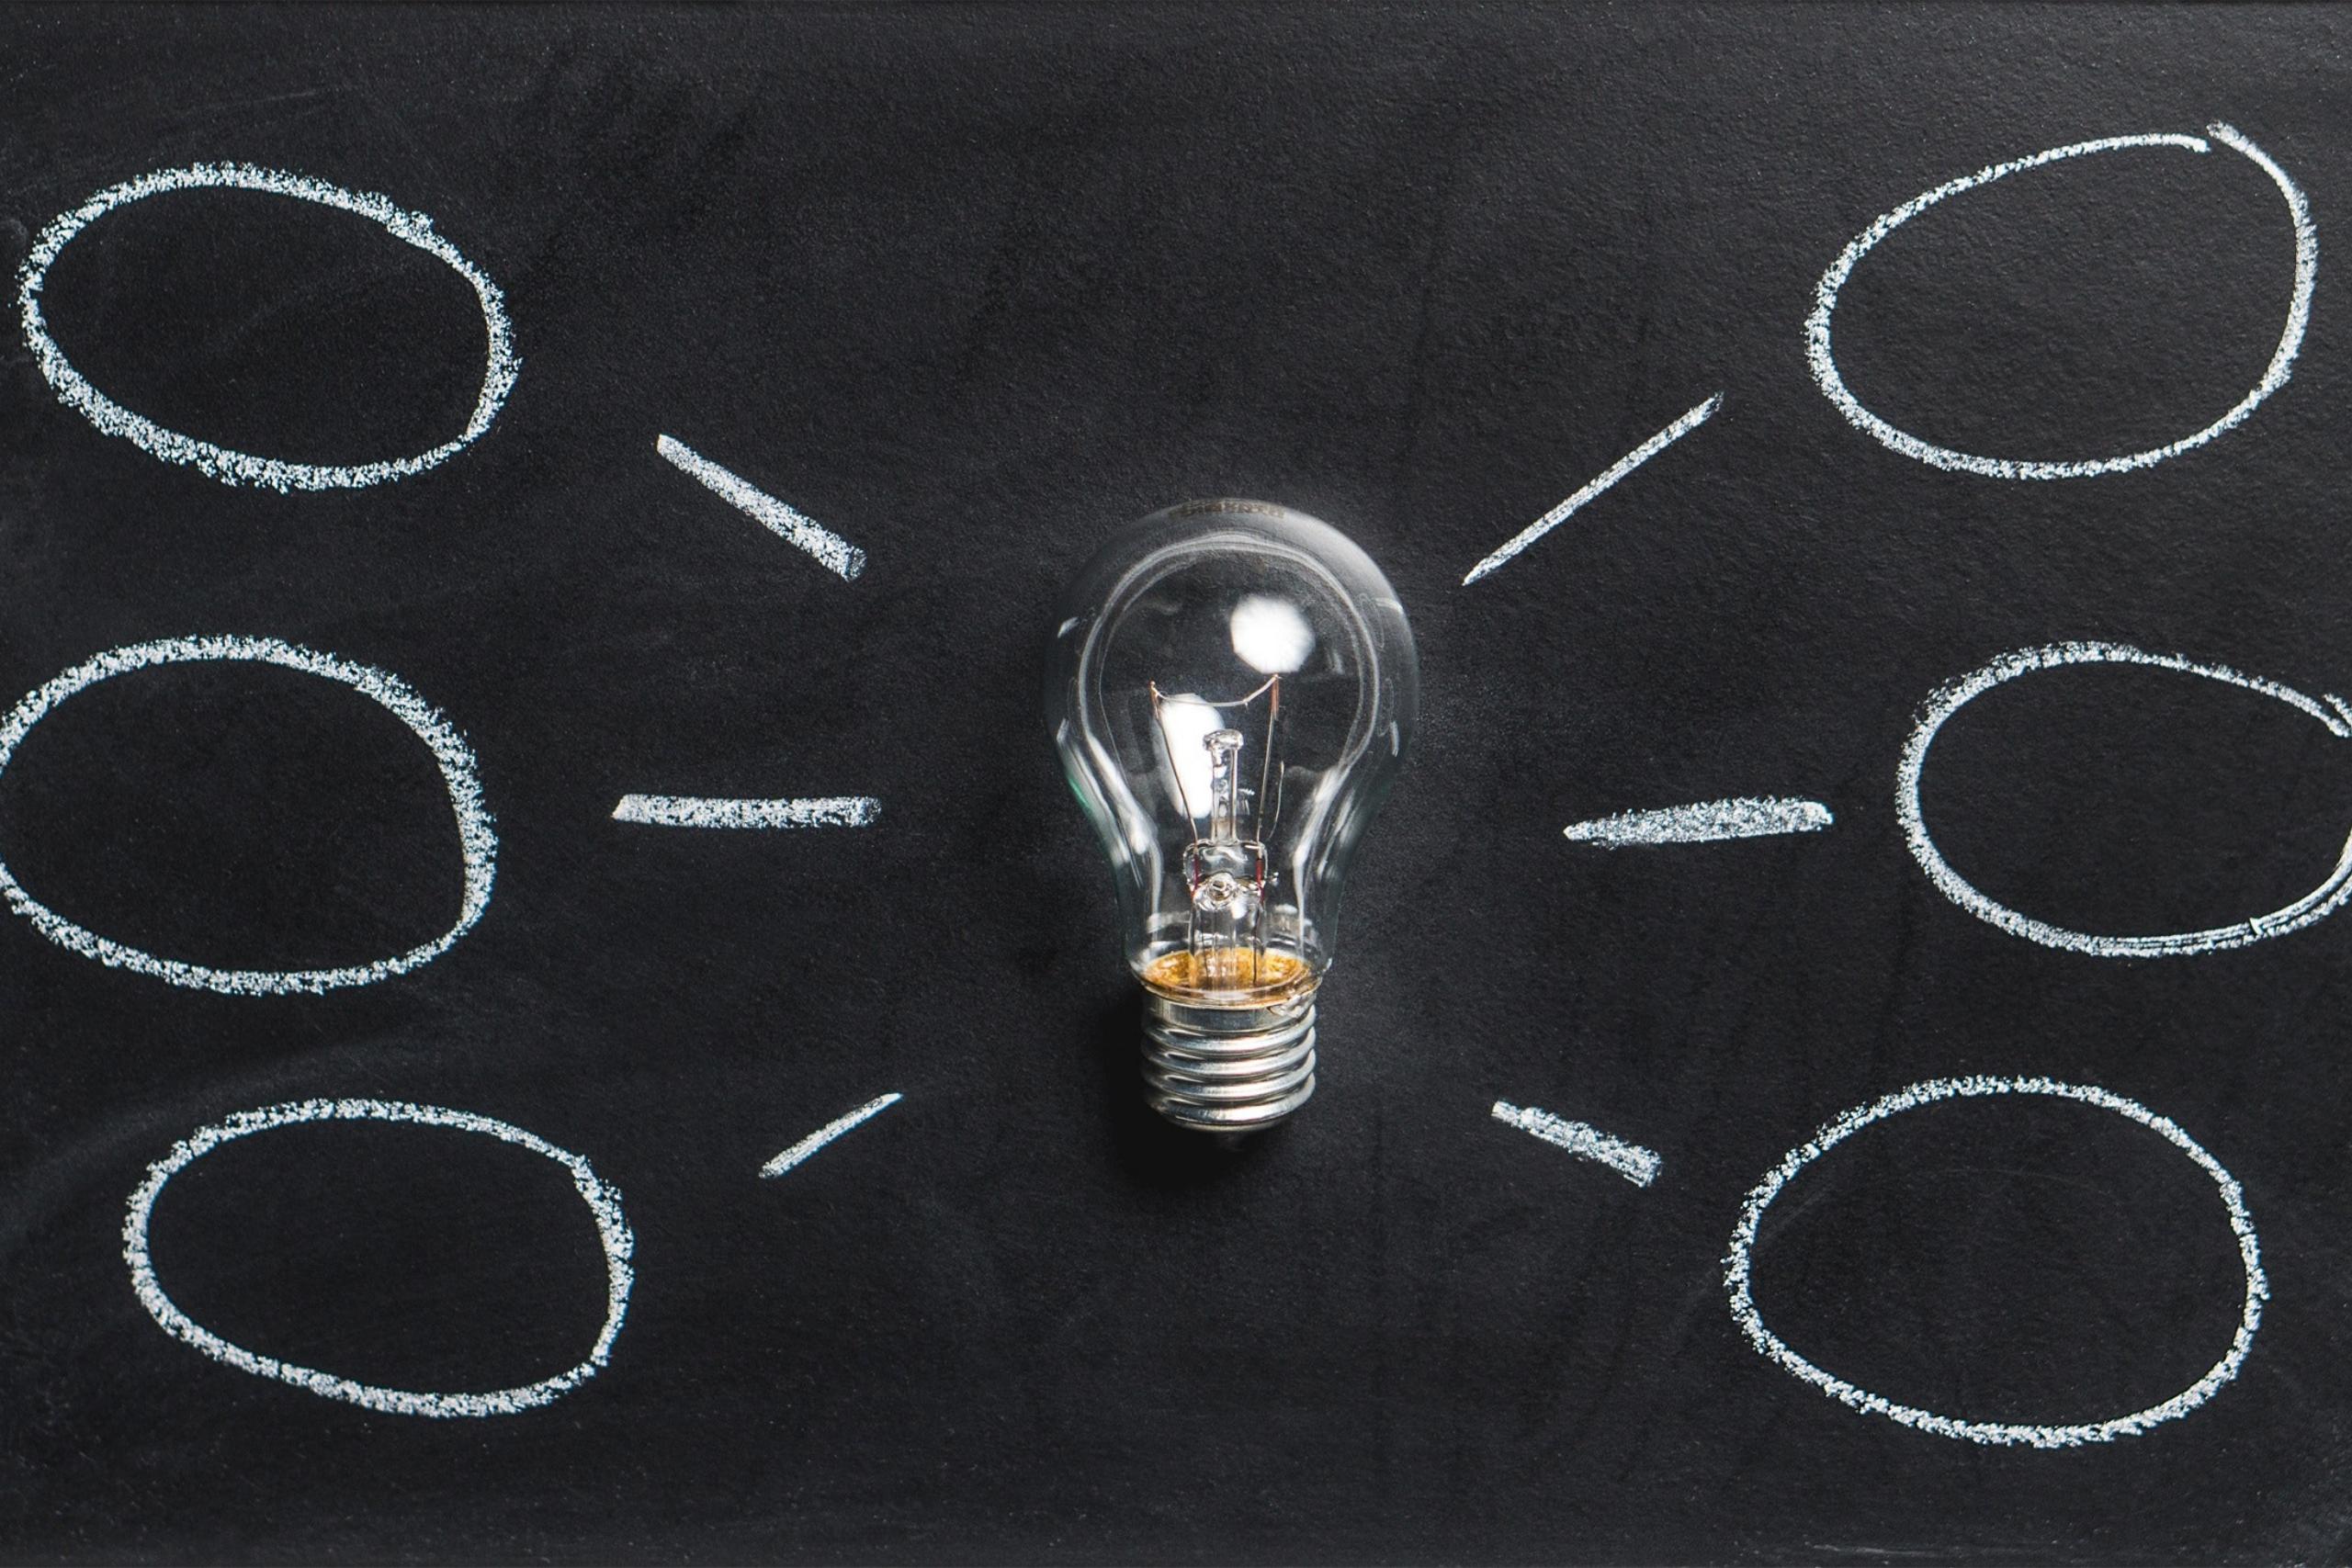 ¿Qué es la competencia emprendedora?